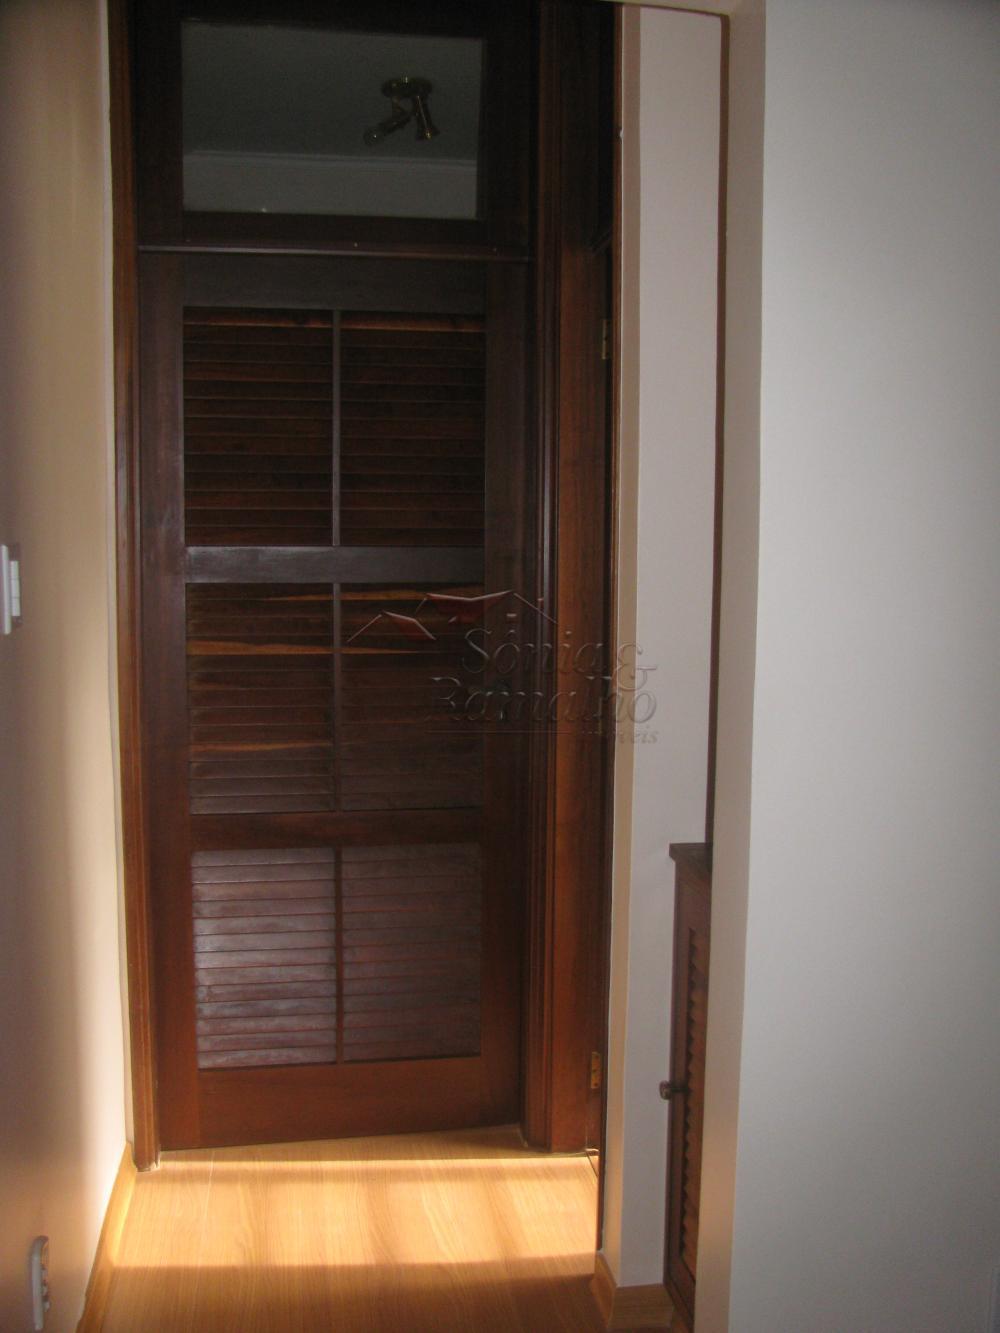 Alugar Apartamentos / Padrão em Ribeirão Preto apenas R$ 1.500,00 - Foto 12